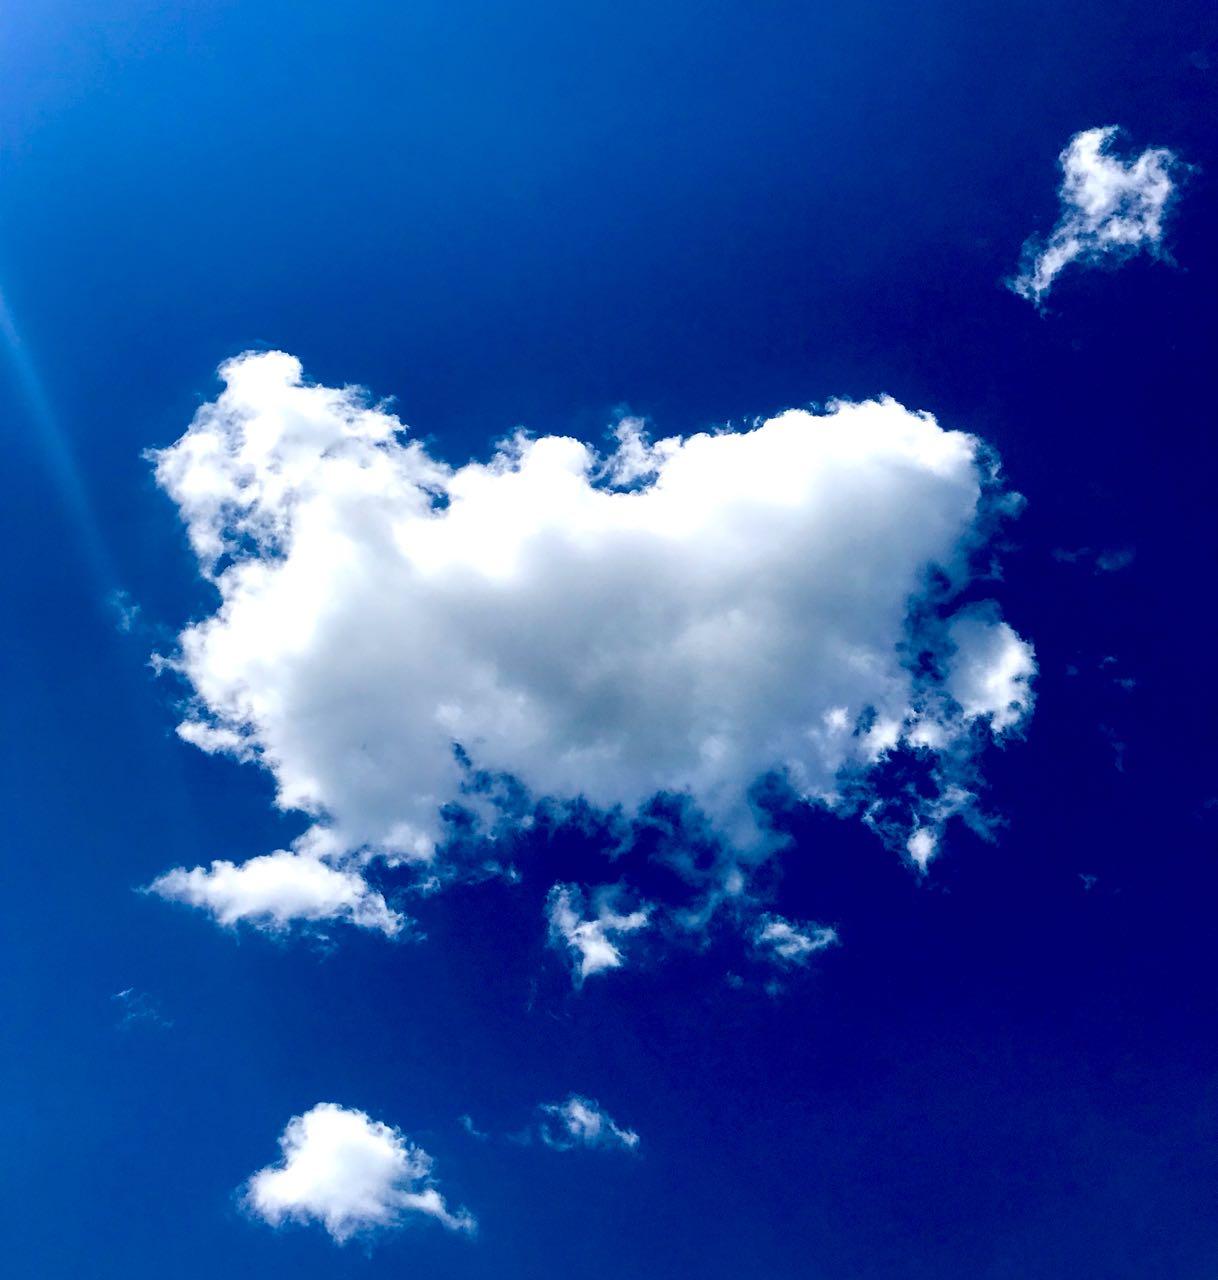 Облака плывут над головой, приглашая нас с собой. Блиц: небо в облаках